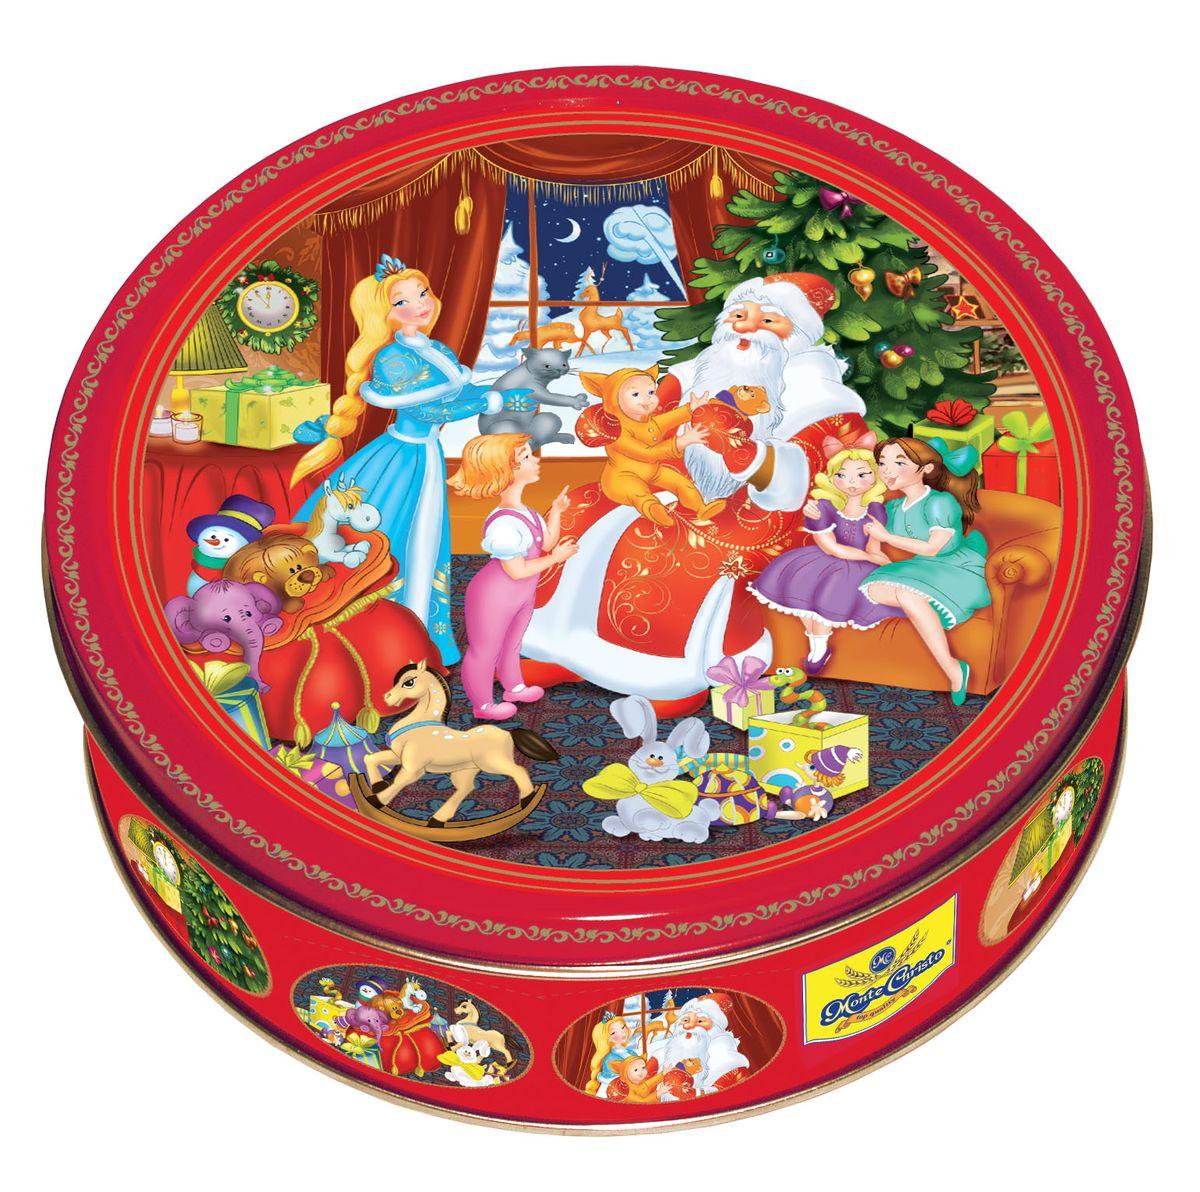 Сладкая Сказка Печенье Подарки Деда Мороза, 400 гMC-4-5Подарки Деда Мороза — это 400 грамм сдобного печенья от группы компаний Сладкая сказка, изготовленного на российской фабрике с использованием натуральных ингредиентов. Оно упаковано в жестяную подарочную банку. Дизайн выполнен в ярких красных тонах, которые традиционно ассоциируются с Новым годом и Рождеством. На крышке в анимированной стилистике изображен Дед Мороз со Снегурочкой, которые пришли с подарками в гости к детям. От картинки так и веет любимым праздником! Пустую банку можно использовать в качестве интерьерного украшения или для хранения мелочей.